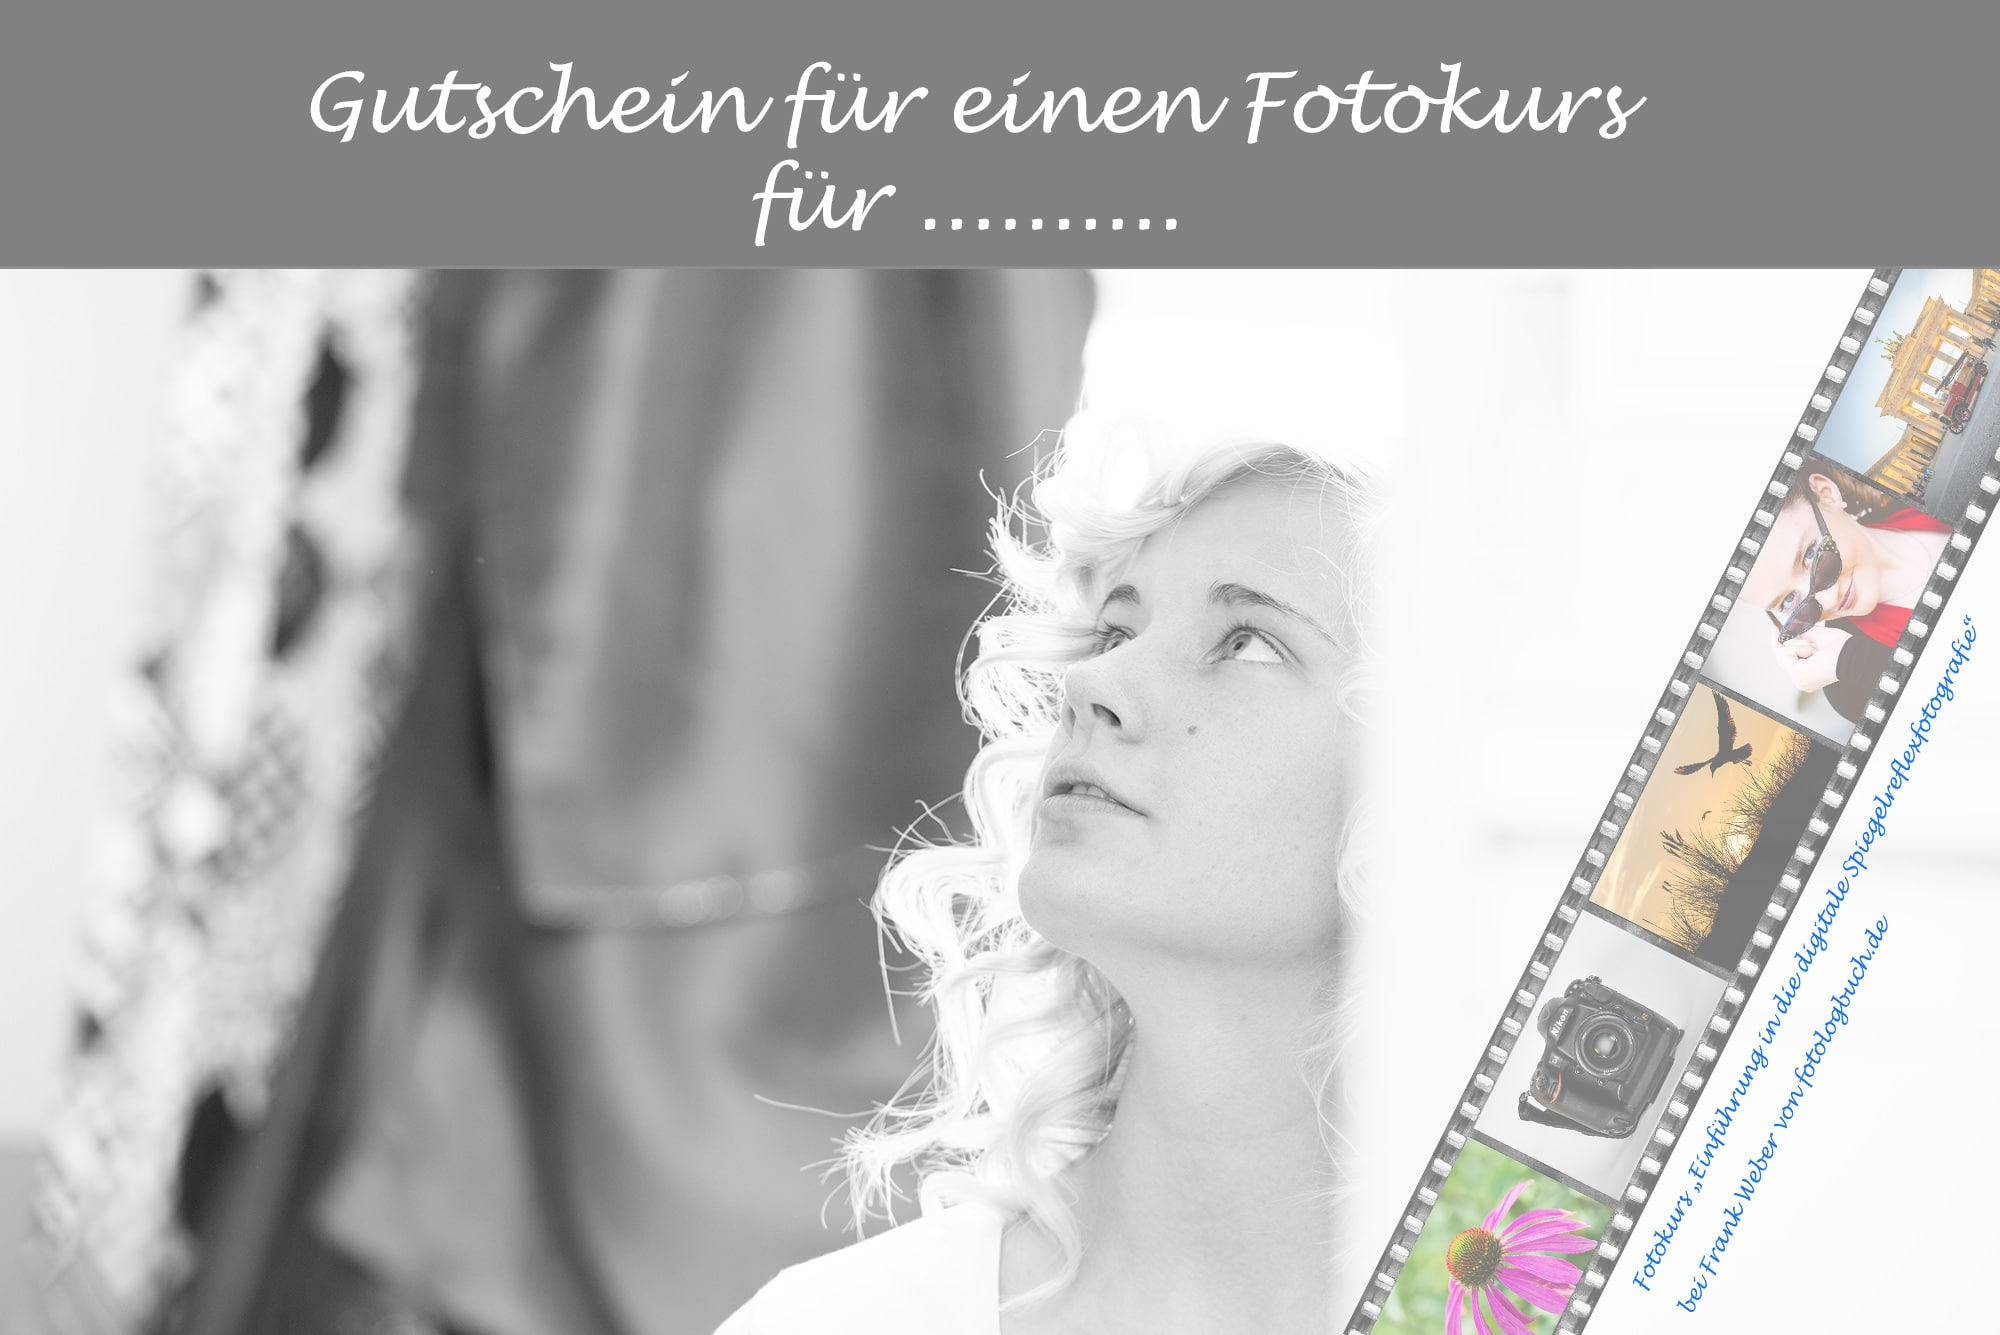 Mein neuer Fotokurs Gutschein für die Fotokurse in Berlin, (Foto copyright - Frank Weber - Berlin - fotologbuch.de)